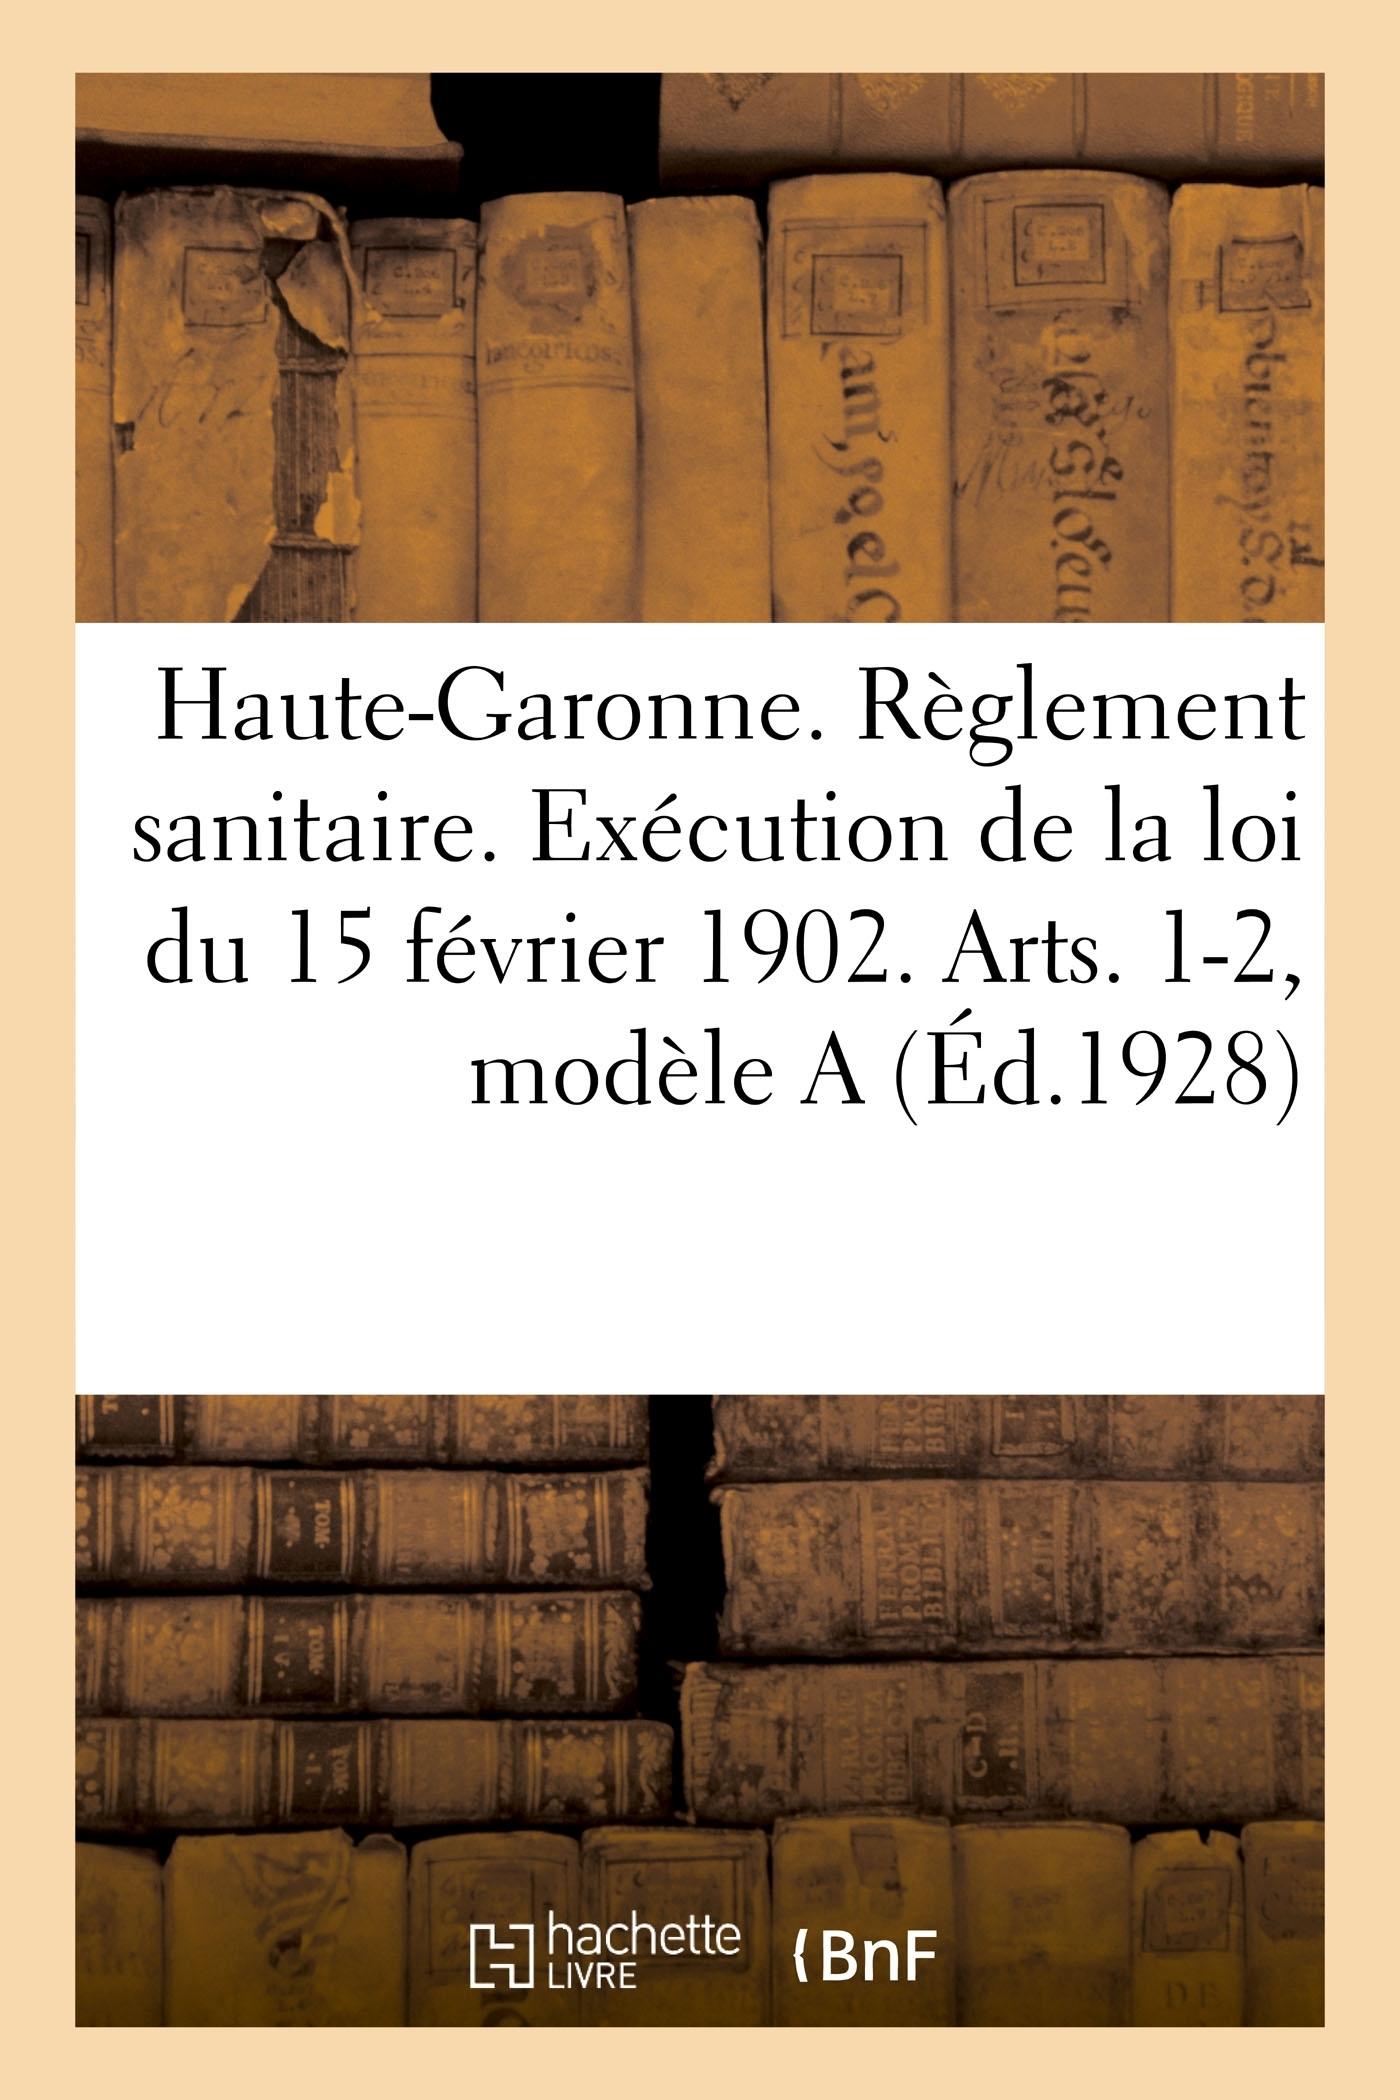 DEPARTEMENT DE LA HAUTE-GARONNE. REGLEMENT SANITAIRE. EXECUTION DE LA LOI DU 15 FEVRIER 1902 - ARTS.